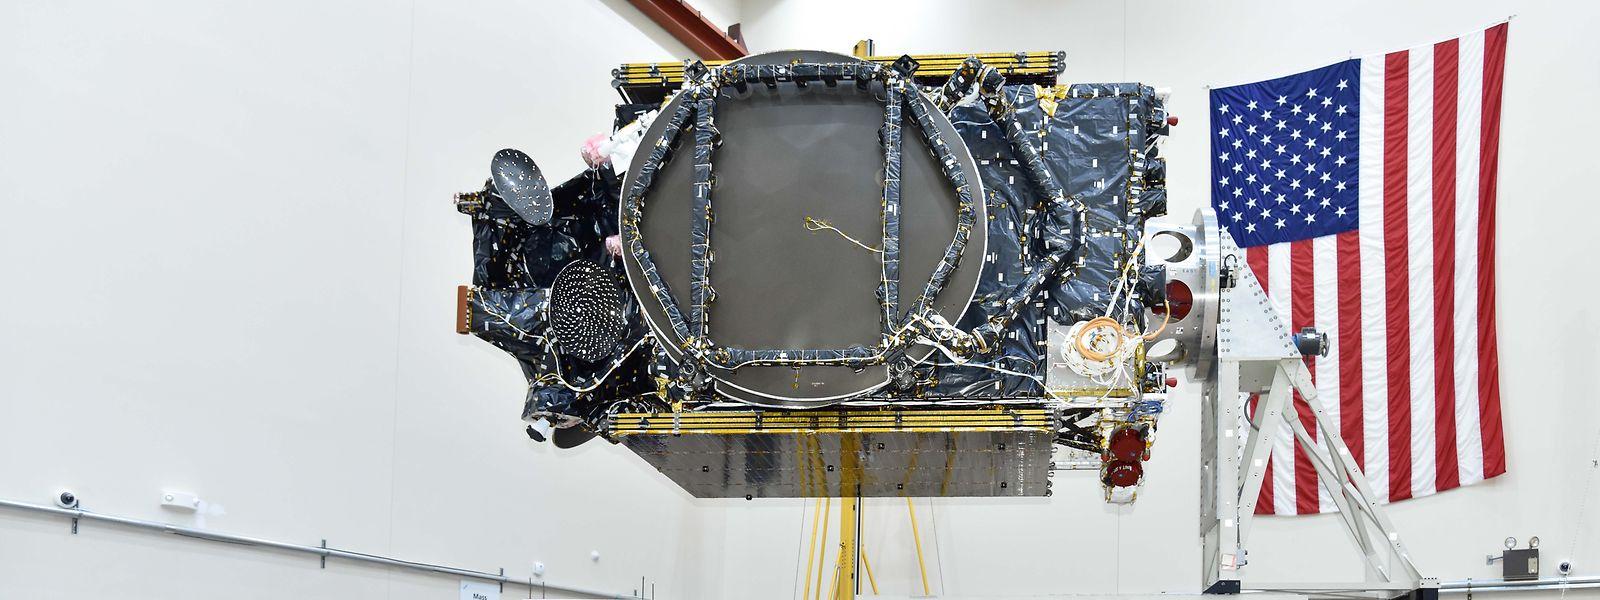 Intelsat 38 sera lancé en fin de semaine depuis Kourou. Une nouvelle étape pour Intelsat